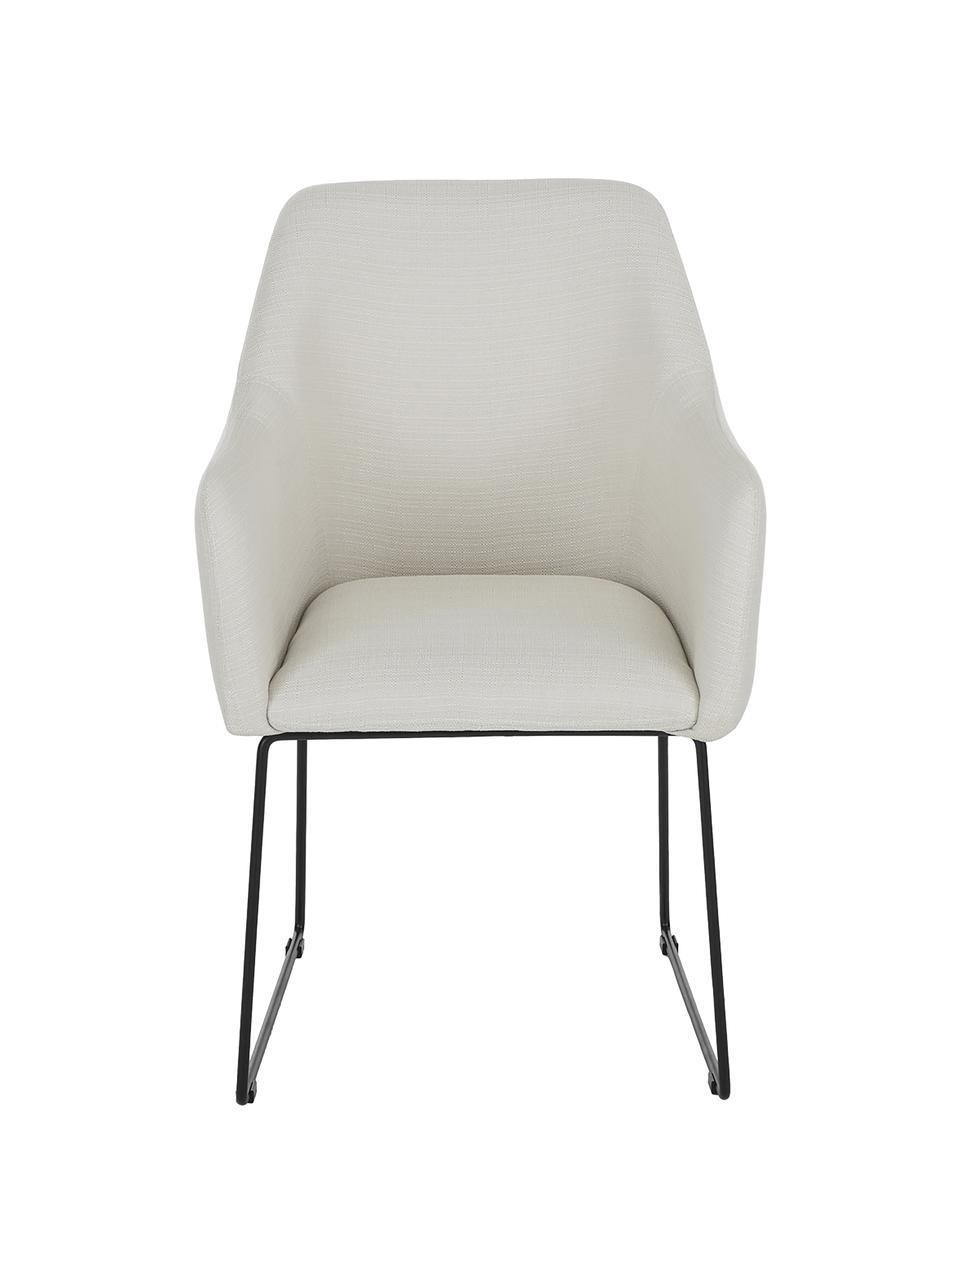 Sedia con braccioli in tessuto bianco crema Isla, Rivestimento: poliestere Con 50.000 cic, Gambe: metallo verniciato a polv, Tessuto bianco crema, nero, Larg. 58 x Prof. 62 cm